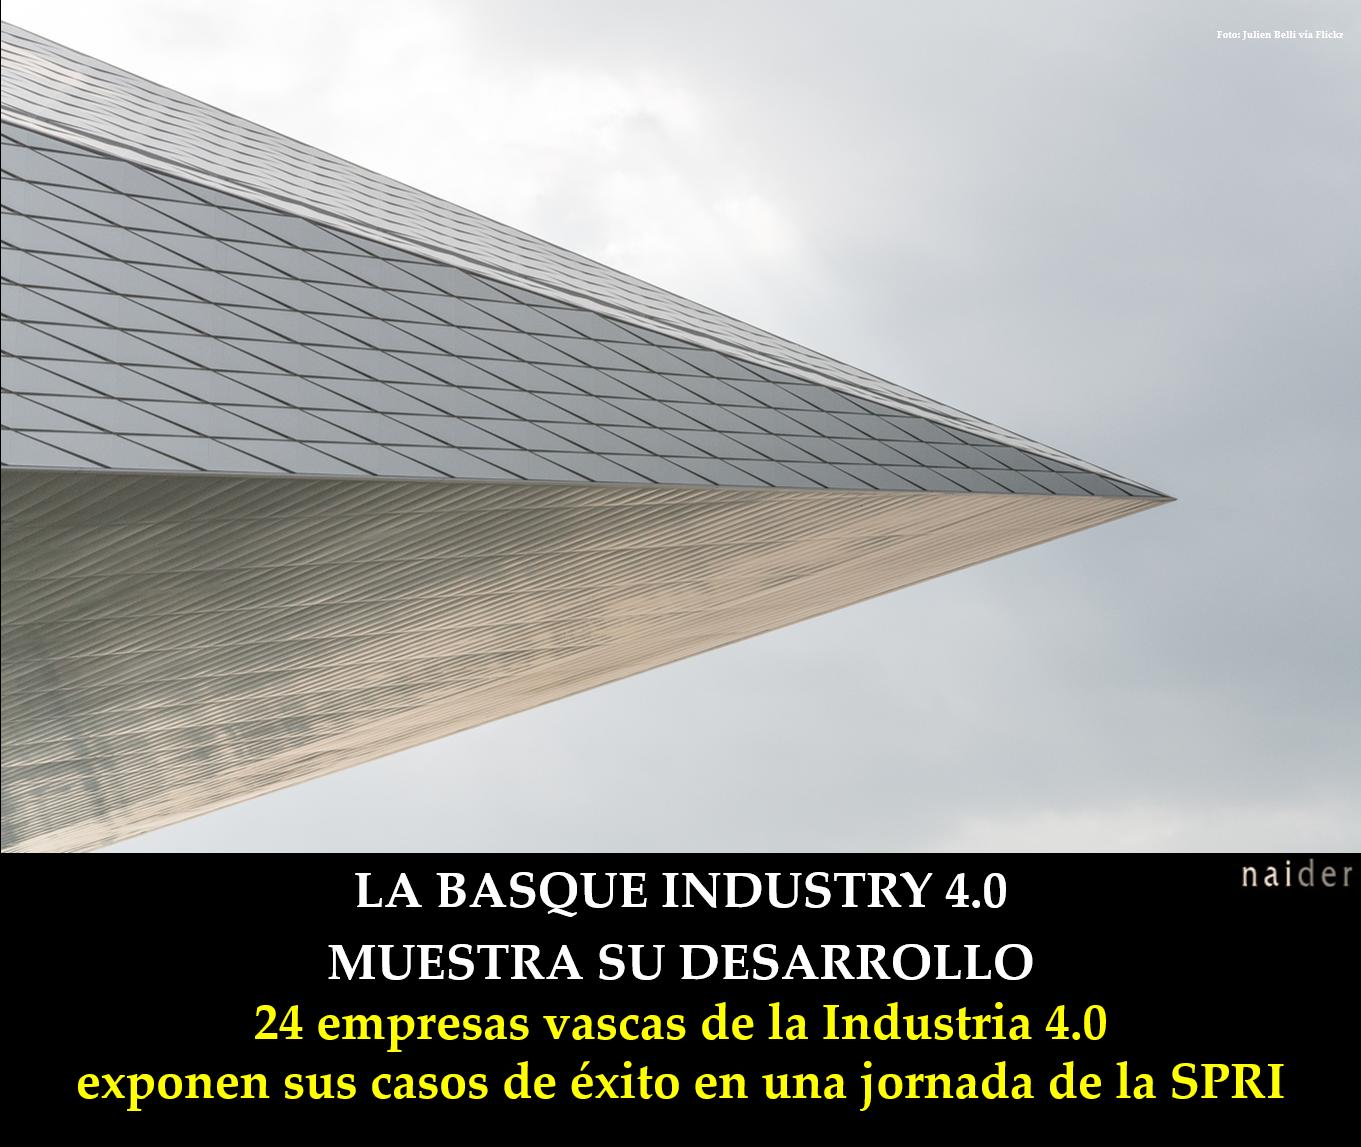 La Basque Industry 4 muestra su desarrollo